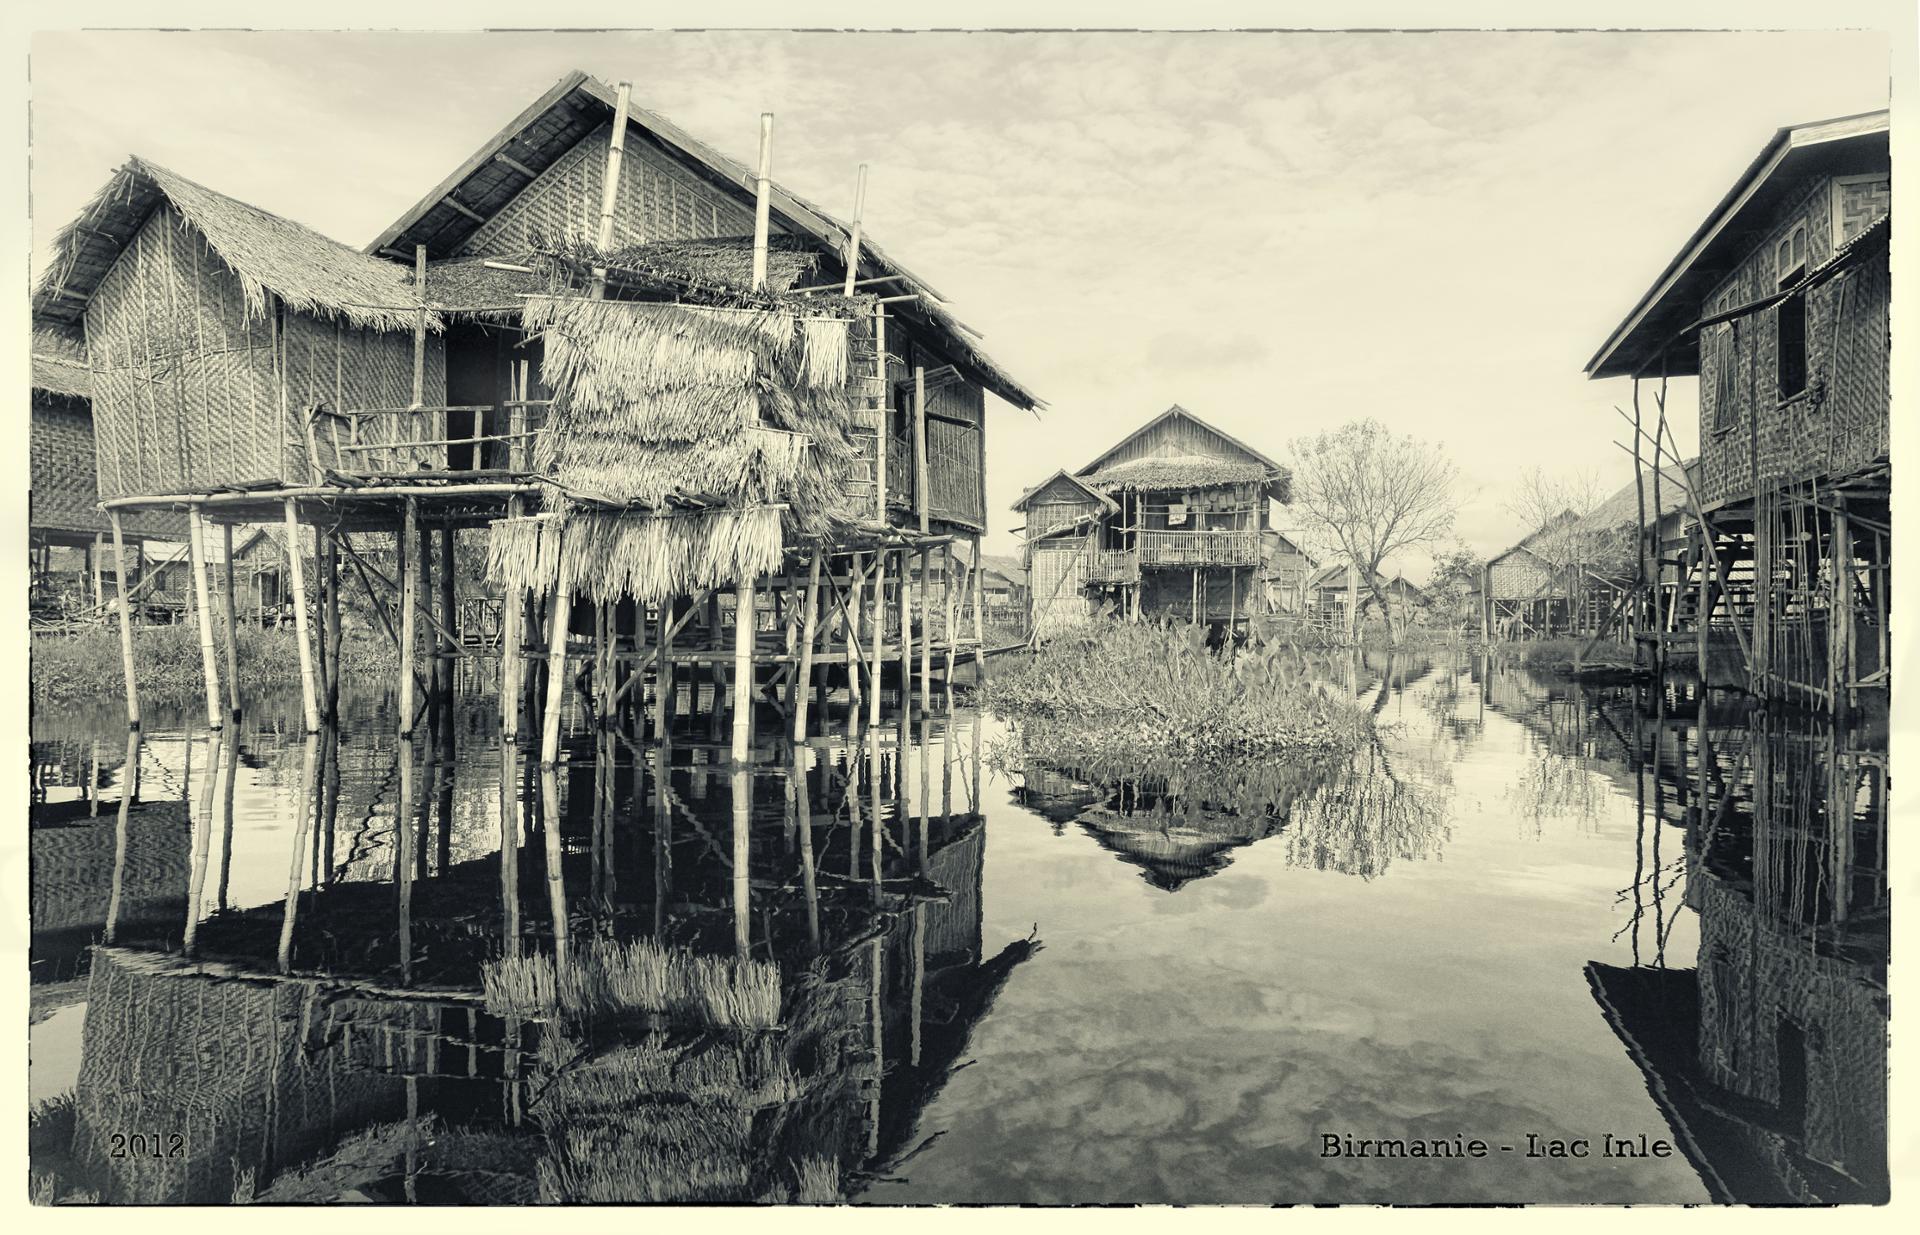 Birmanie Lac Inle.jpg